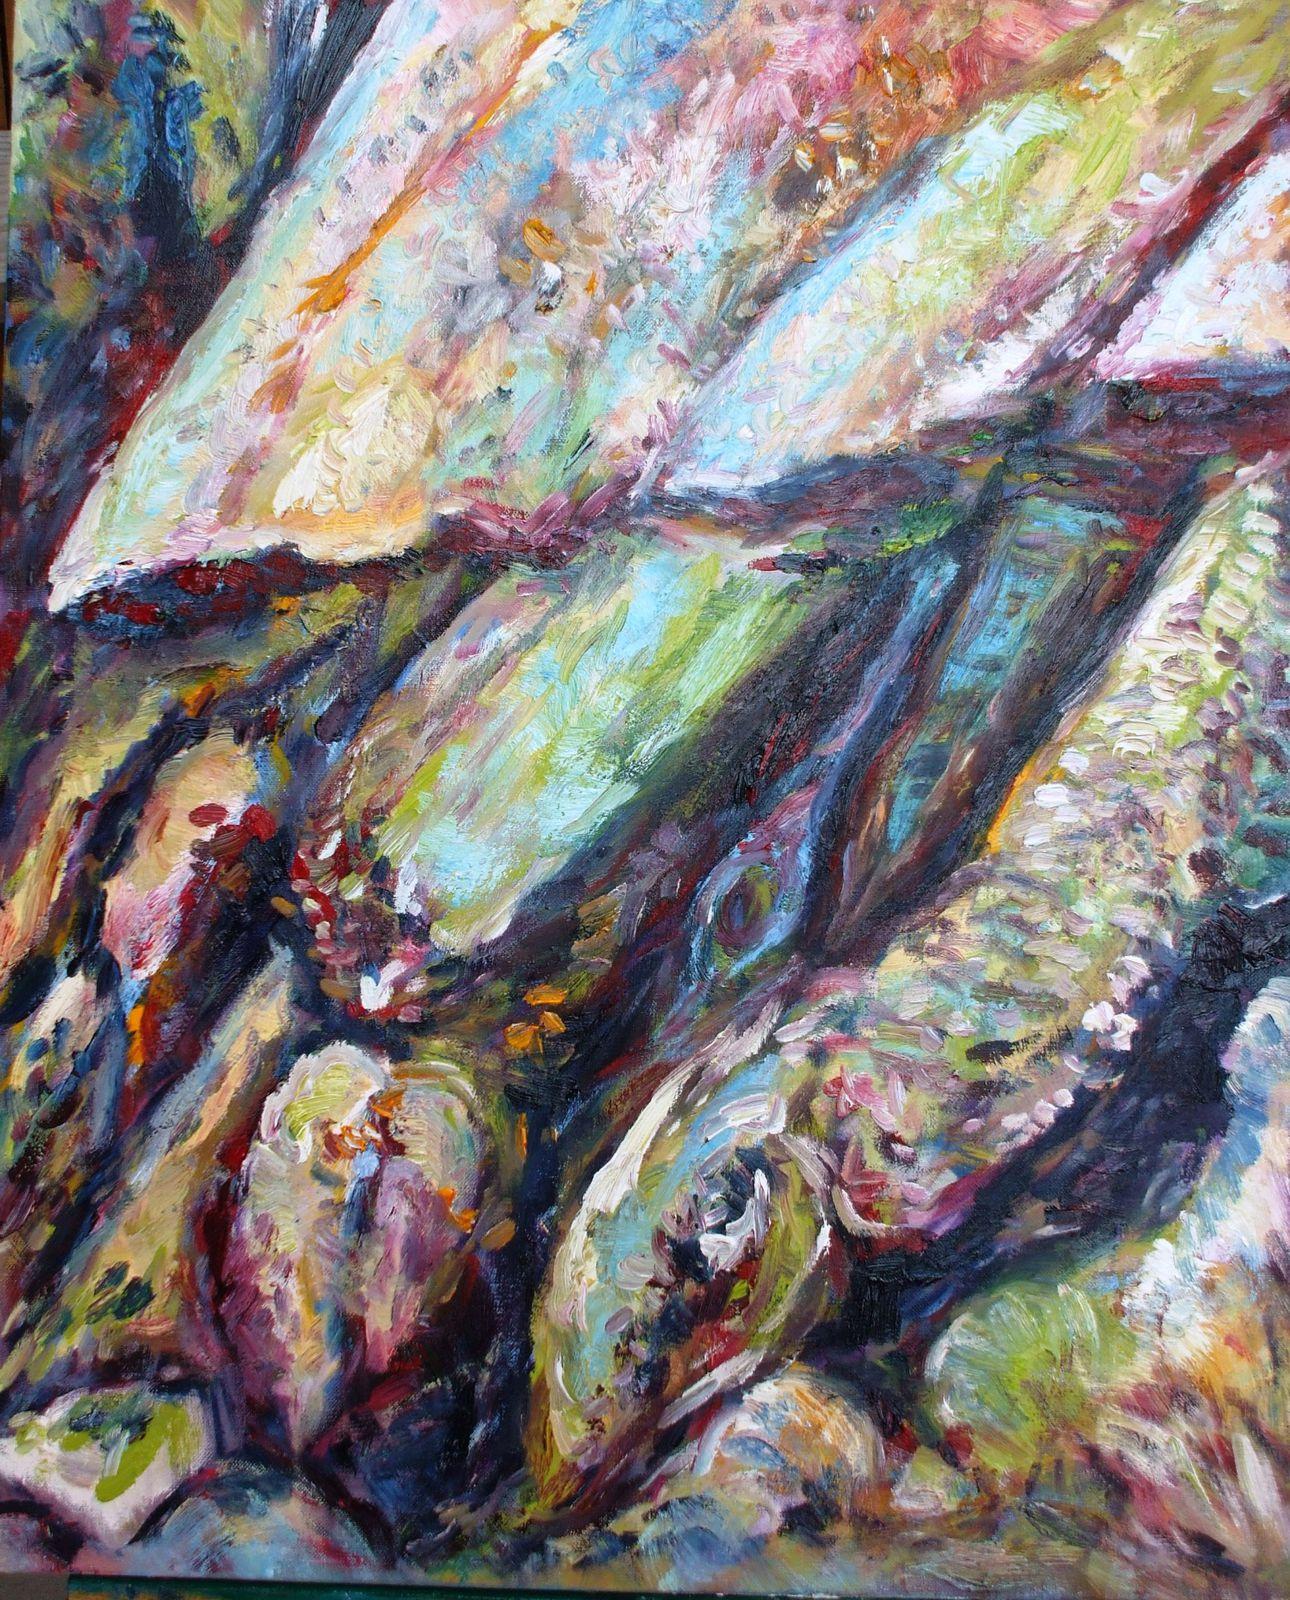 Géologie - Les pillows-lavas de Guilben à Paimpol